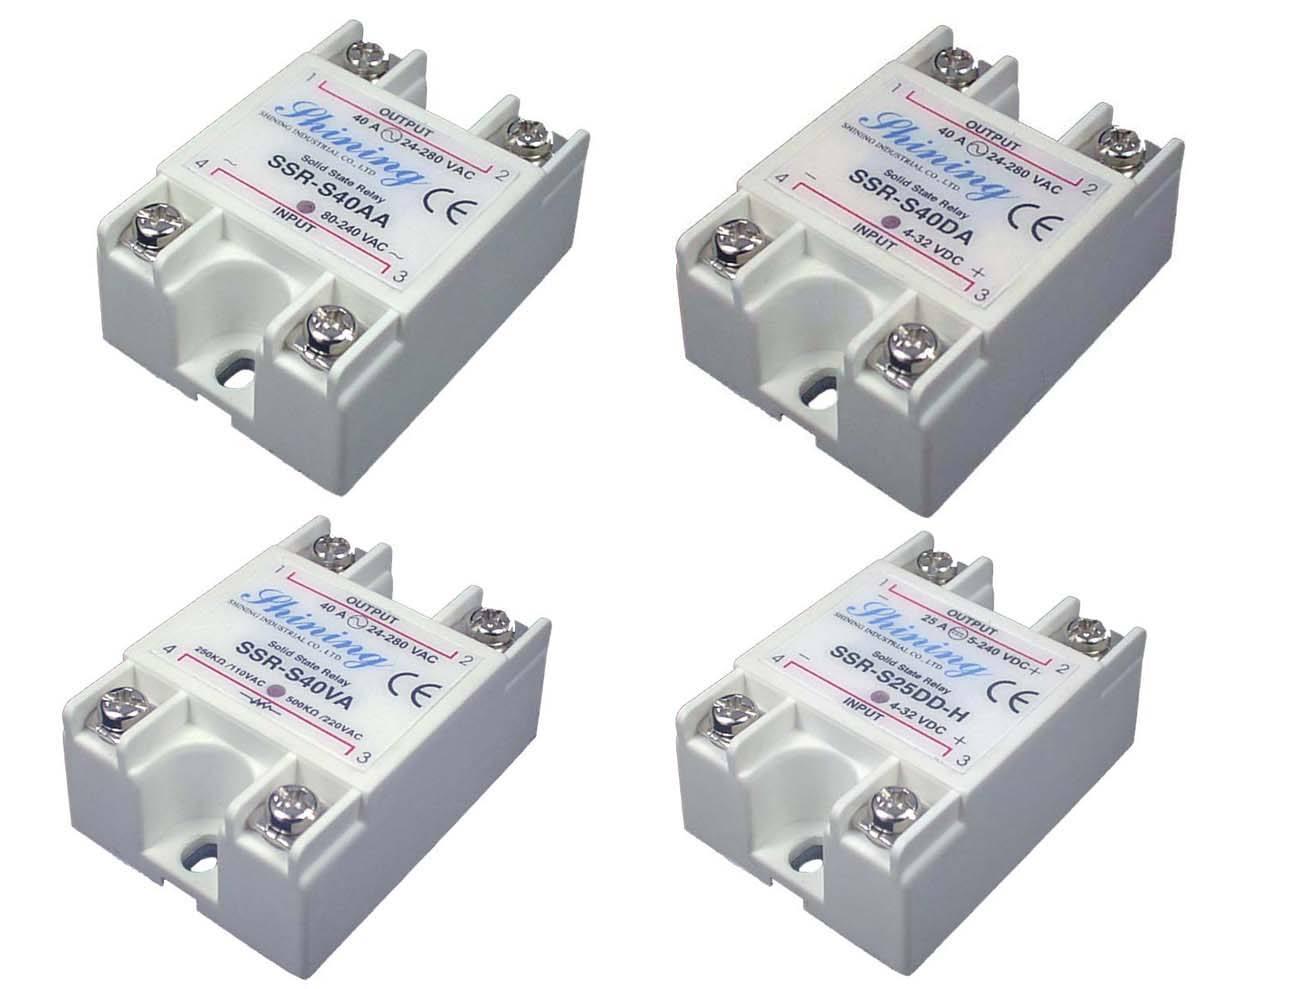 单相固态继电器 - 单相固态继电器